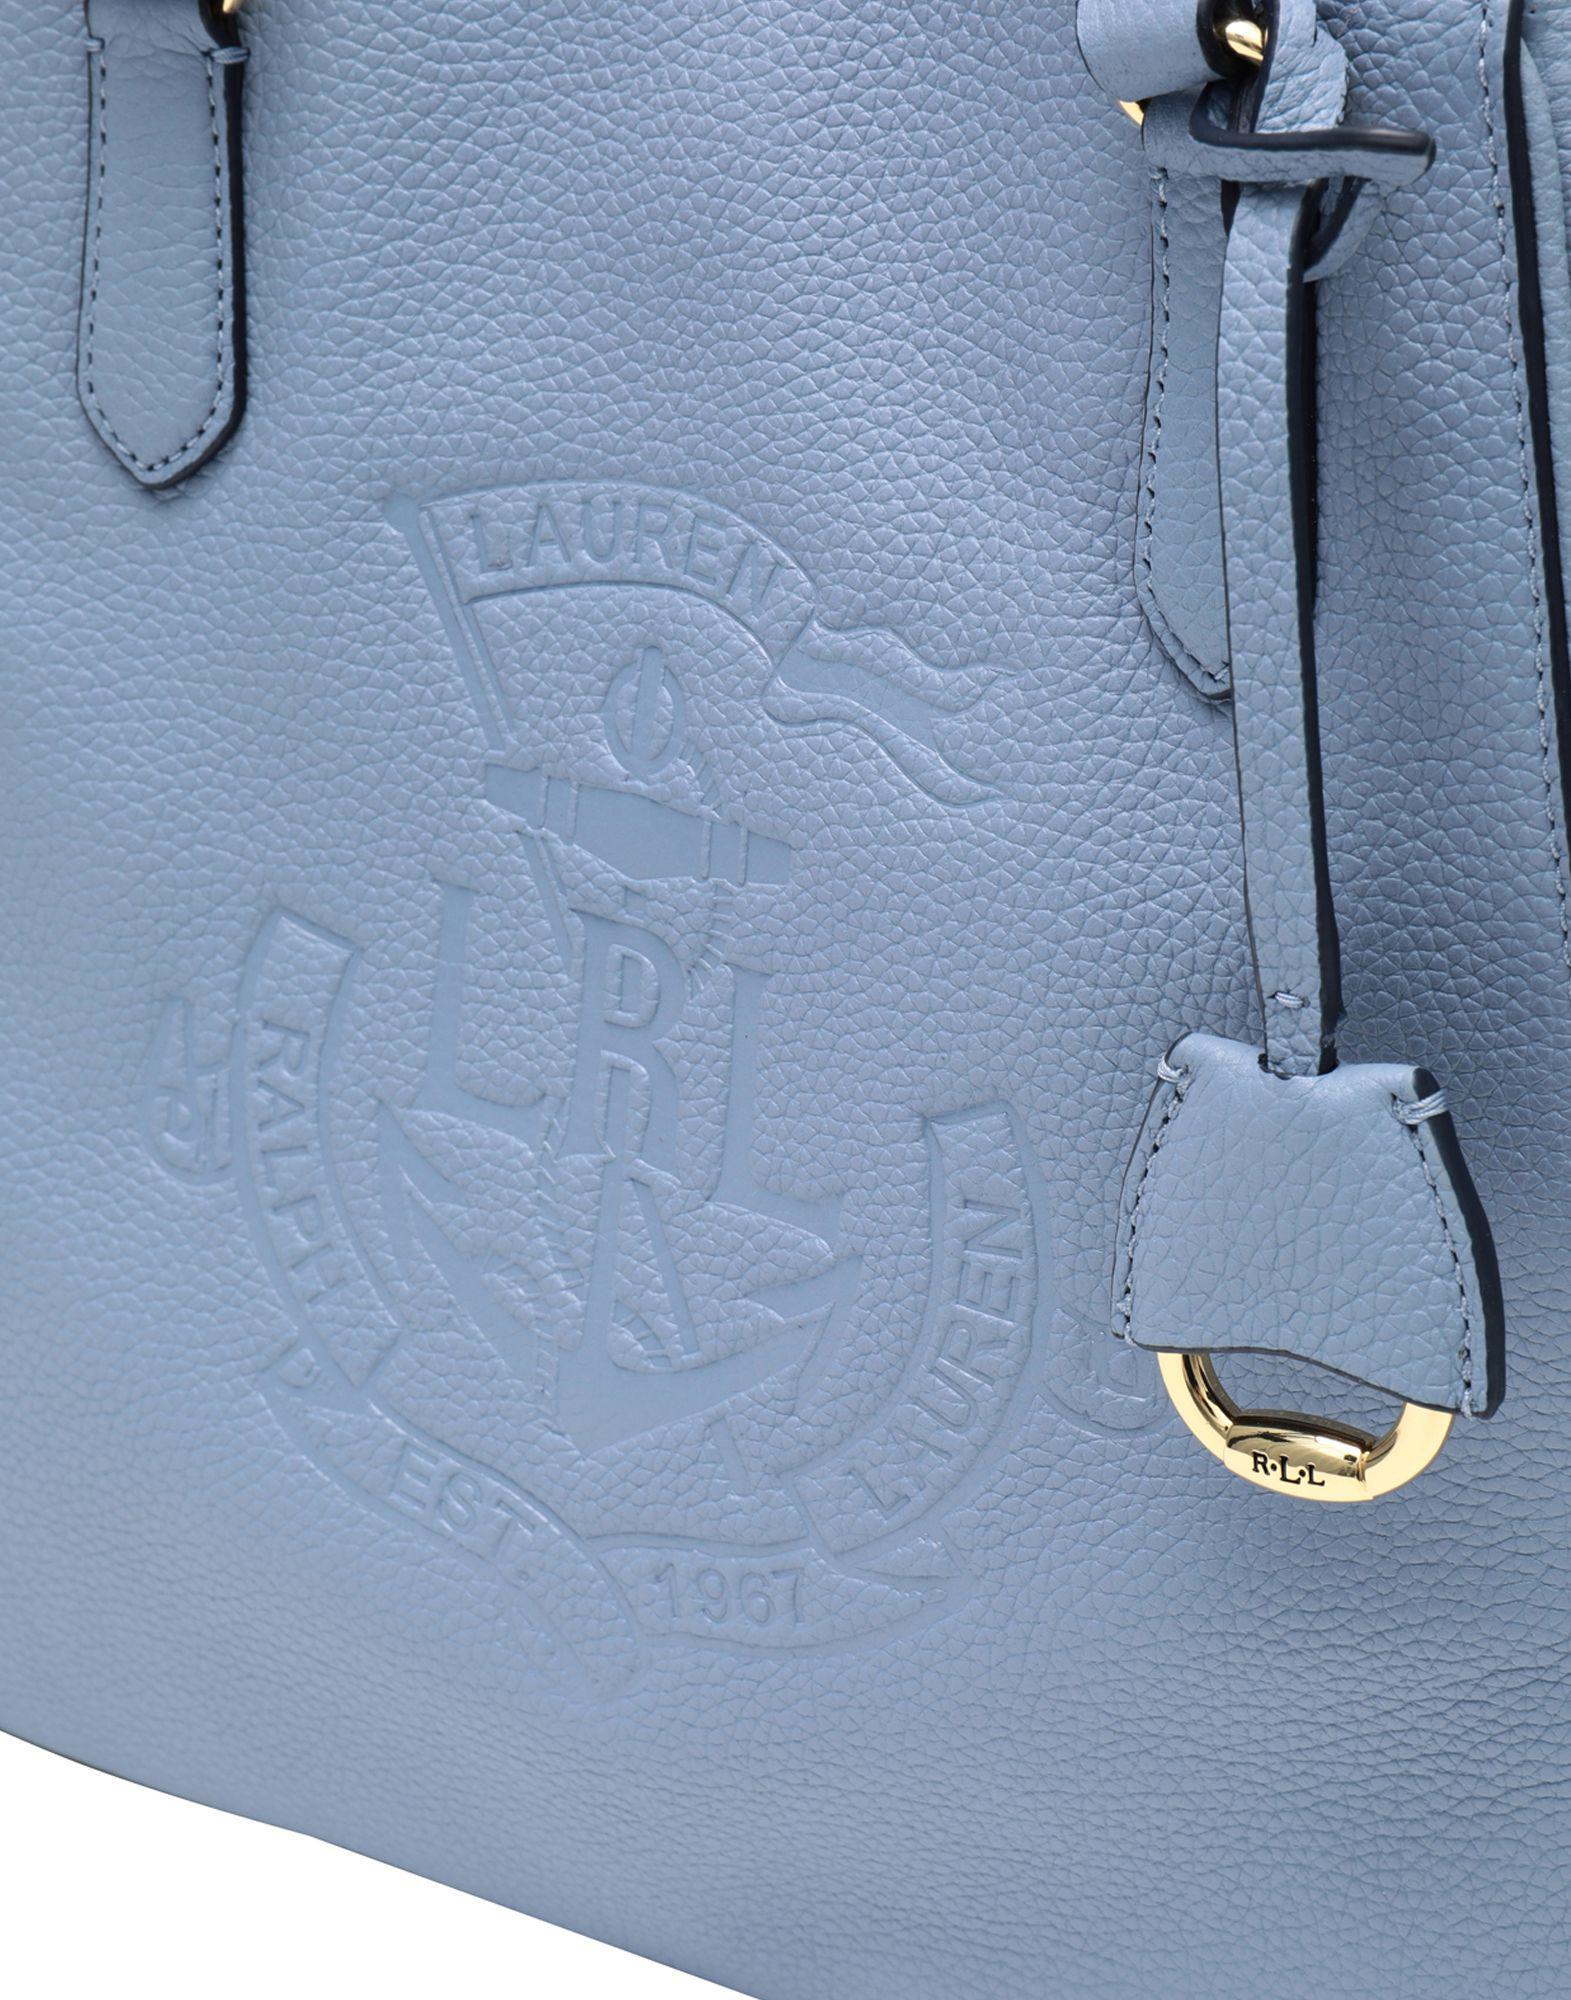 4f6d635d00 ... ebay lauren by ralph lauren handbag in blue lyst 61d1e ed726